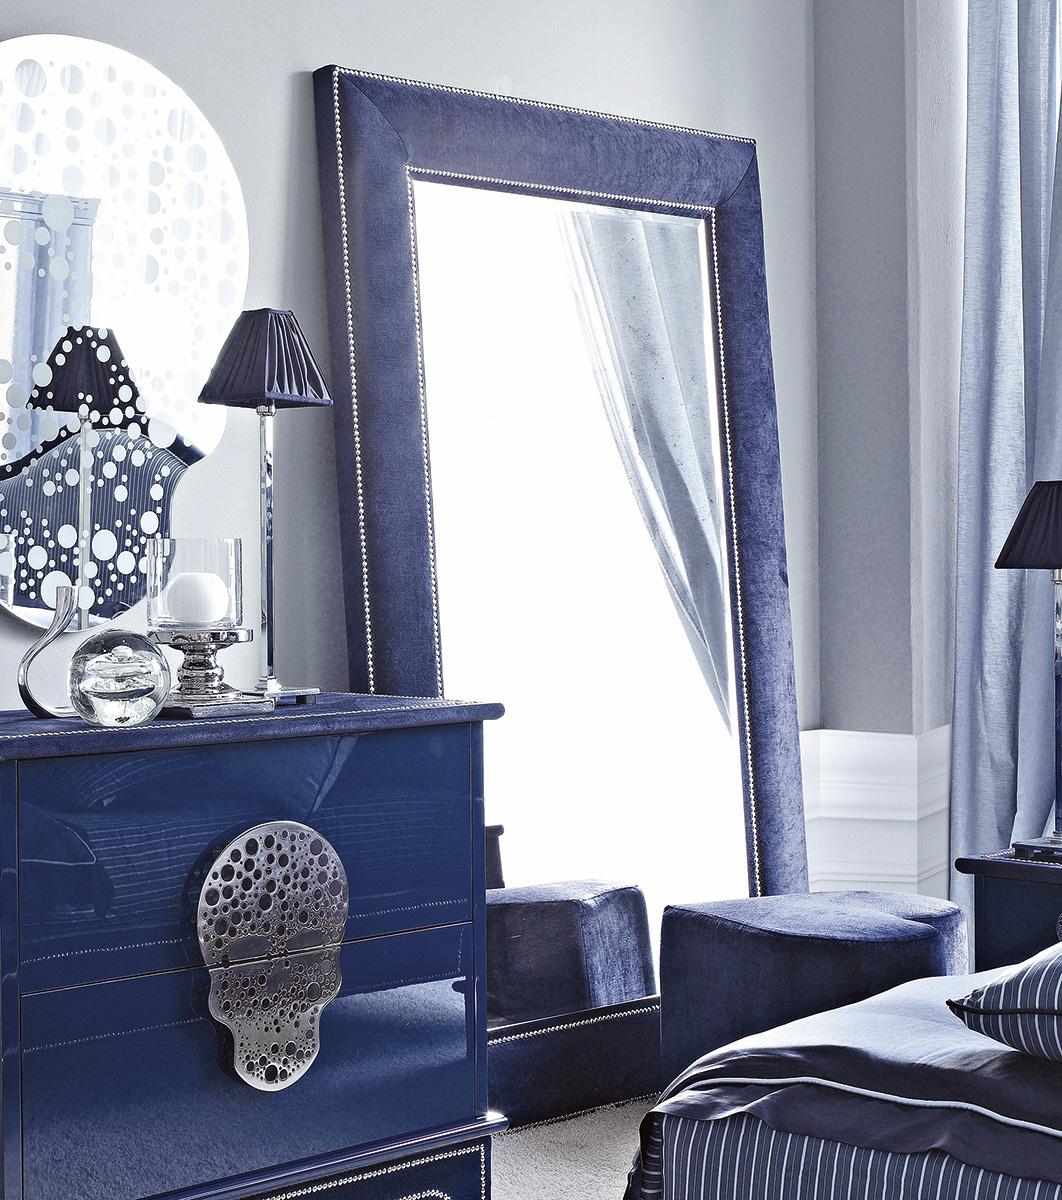 Collezione i sogni di matilde specchi arredamento per camerette di lusso dolfi - Specchi per camerette ...